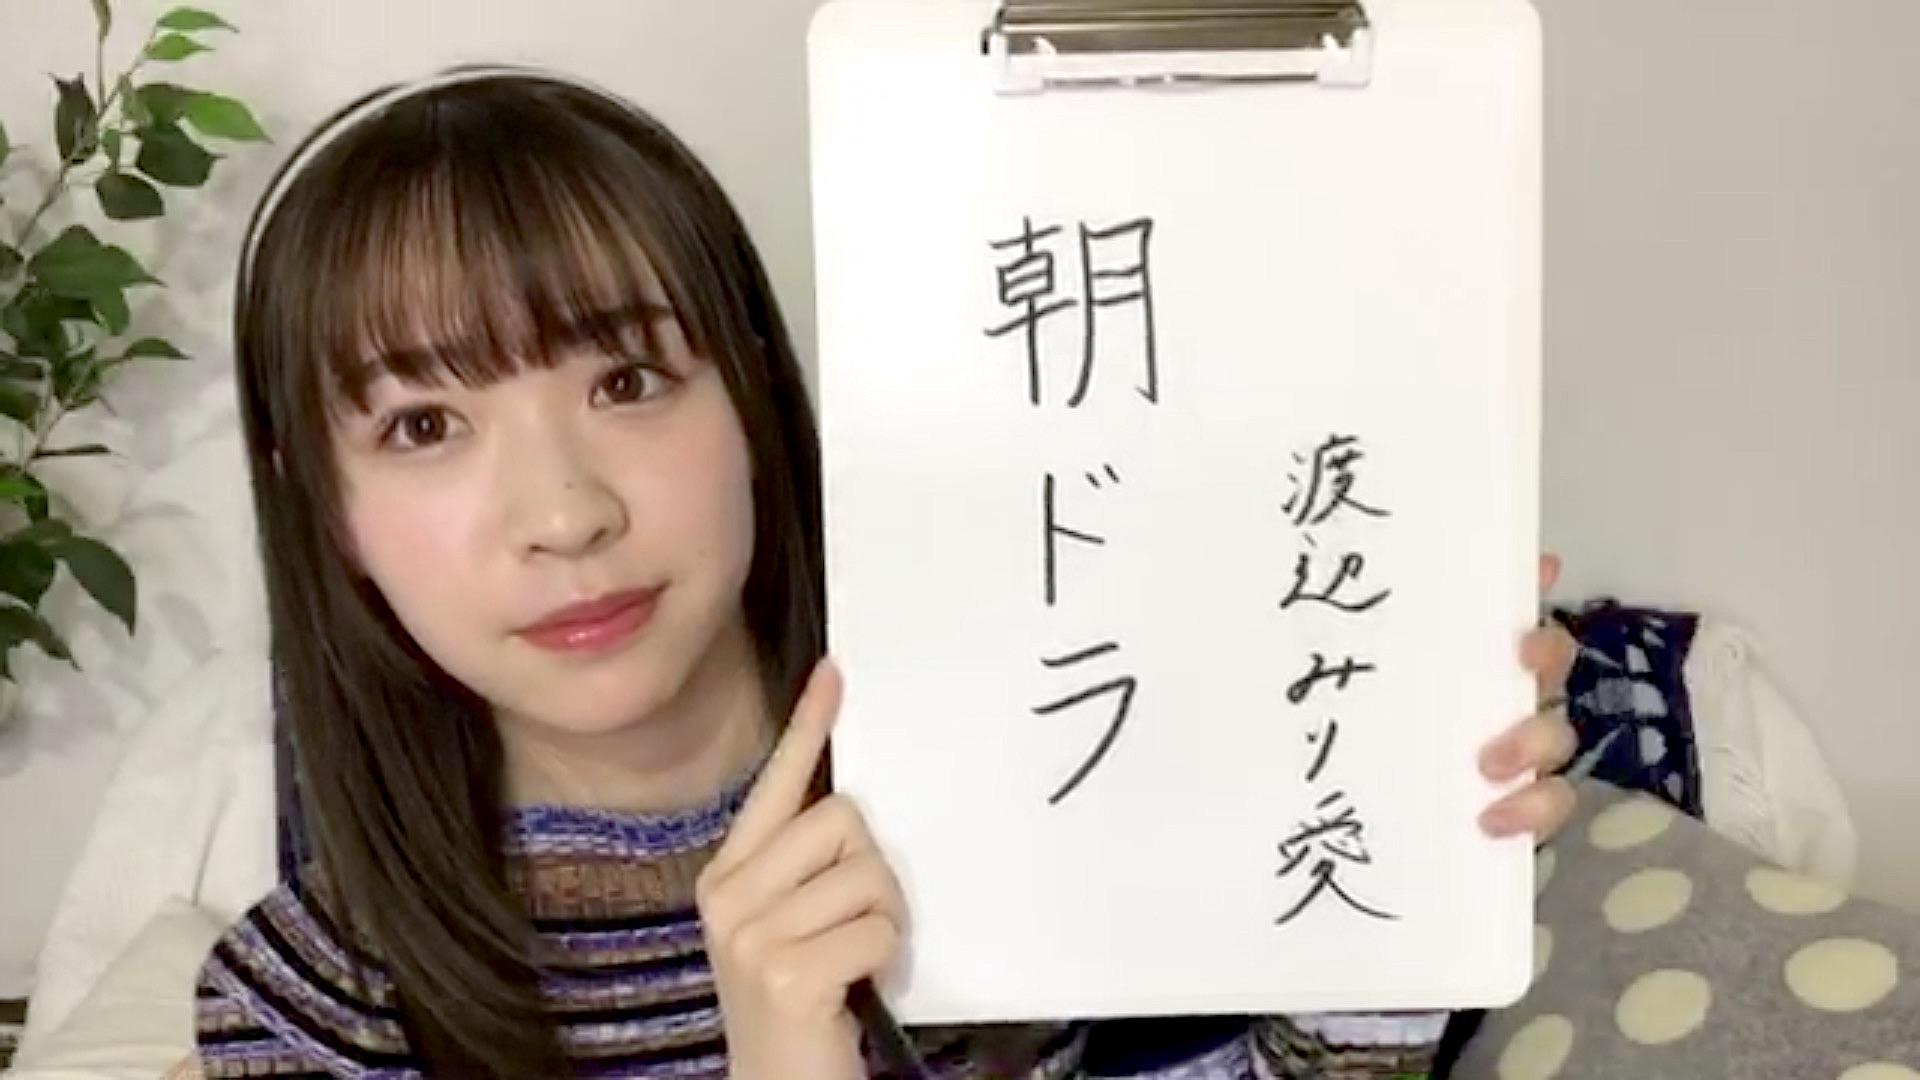 渡辺みり愛の2020年の抱負「朝ドラ女優になりたい」